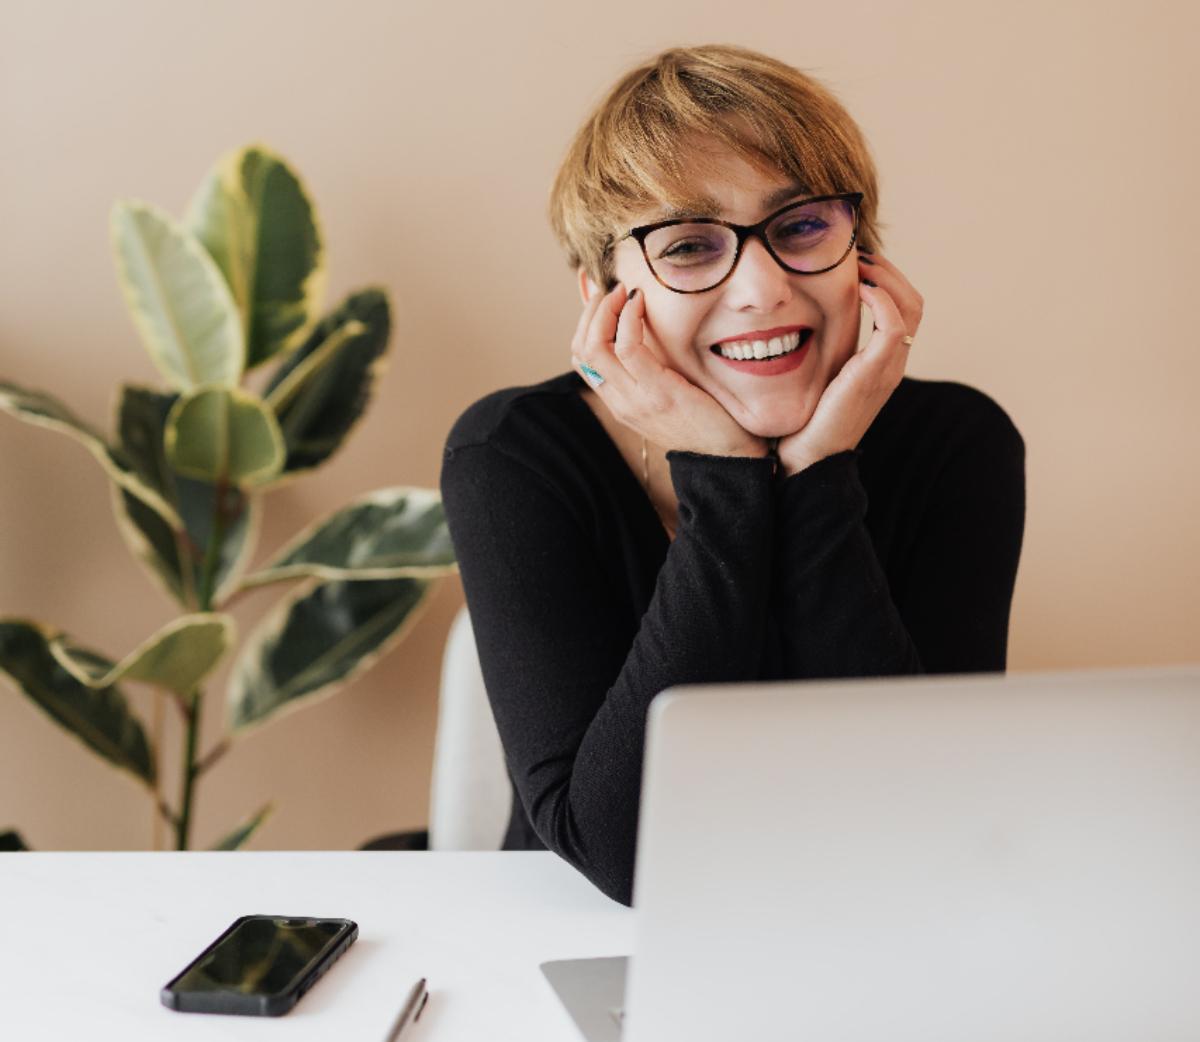 online állásinterjú, önbizalom, sikeres interjú, stílusos megjelenés, színtanácsadás, online állásinterjúhoz